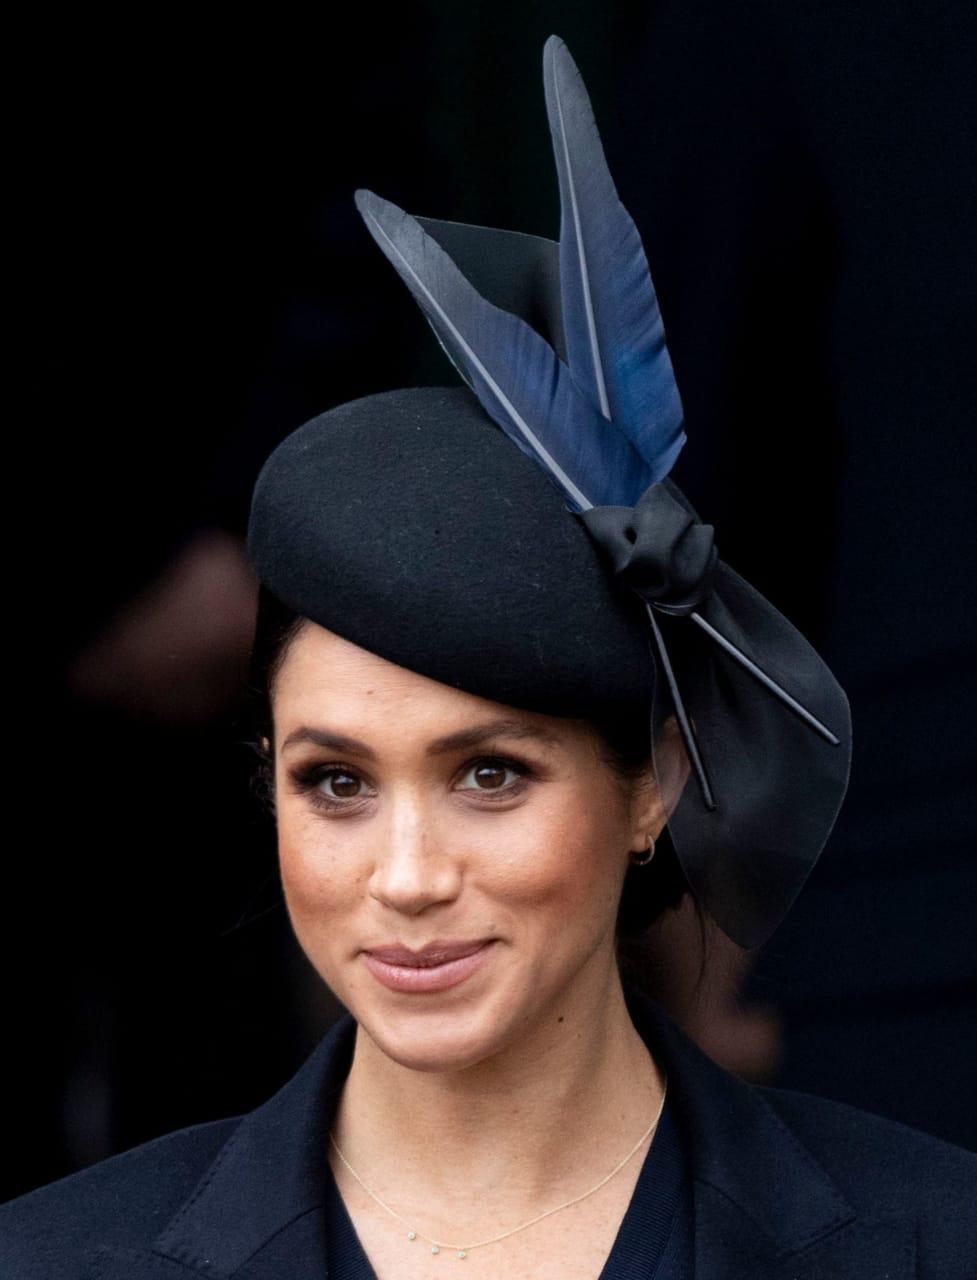 british, prince harry, and royal wedding image